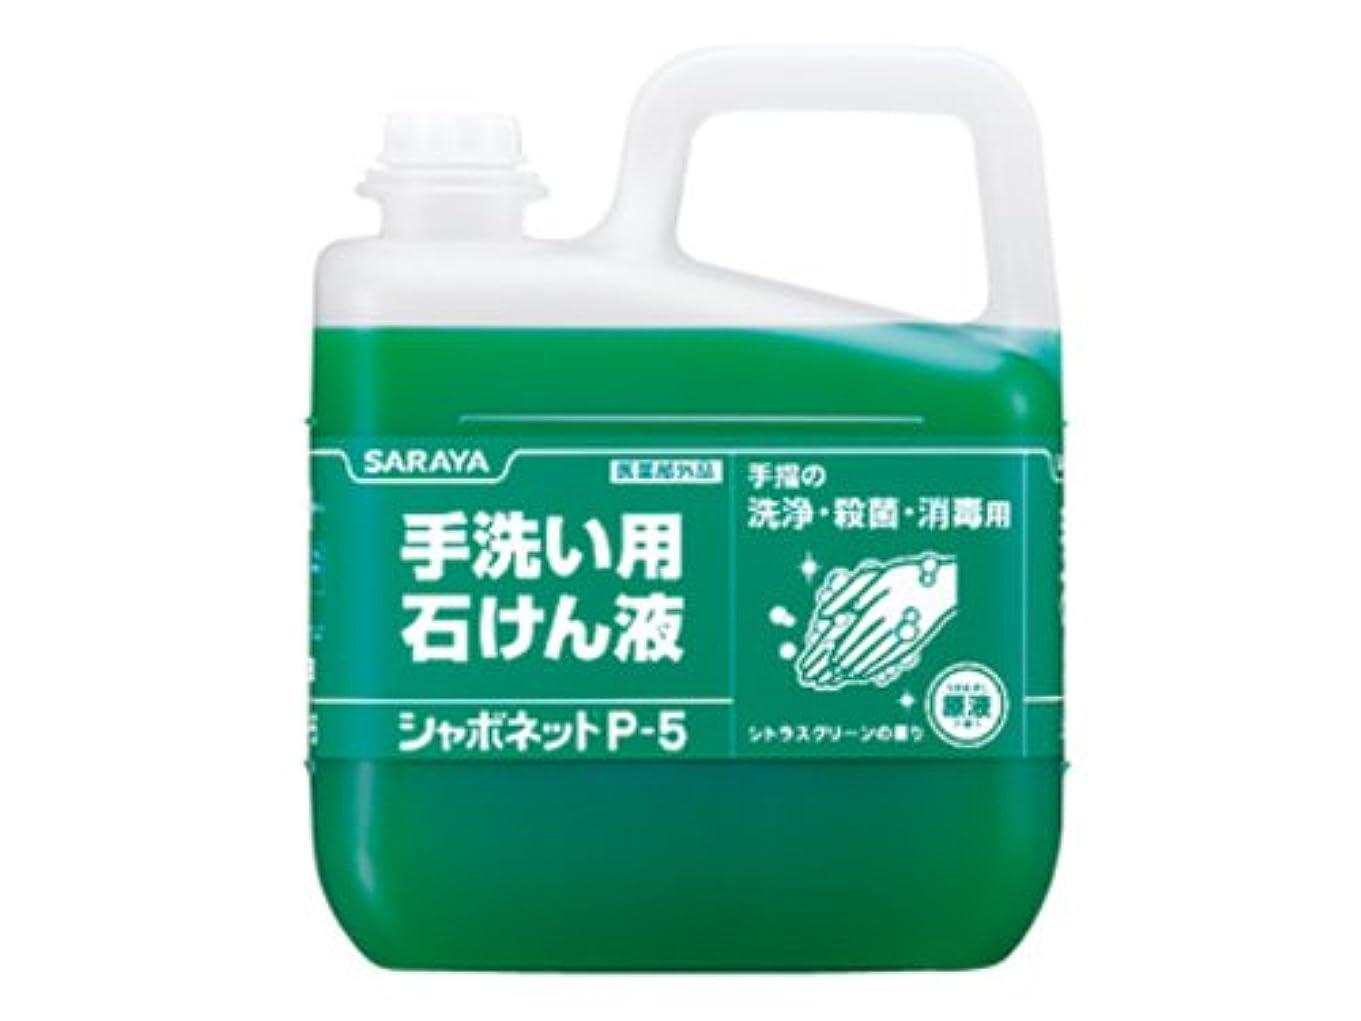 業務用ハンドソープ サラヤ シャボネット石鹸液P-5 5kgX3本入り